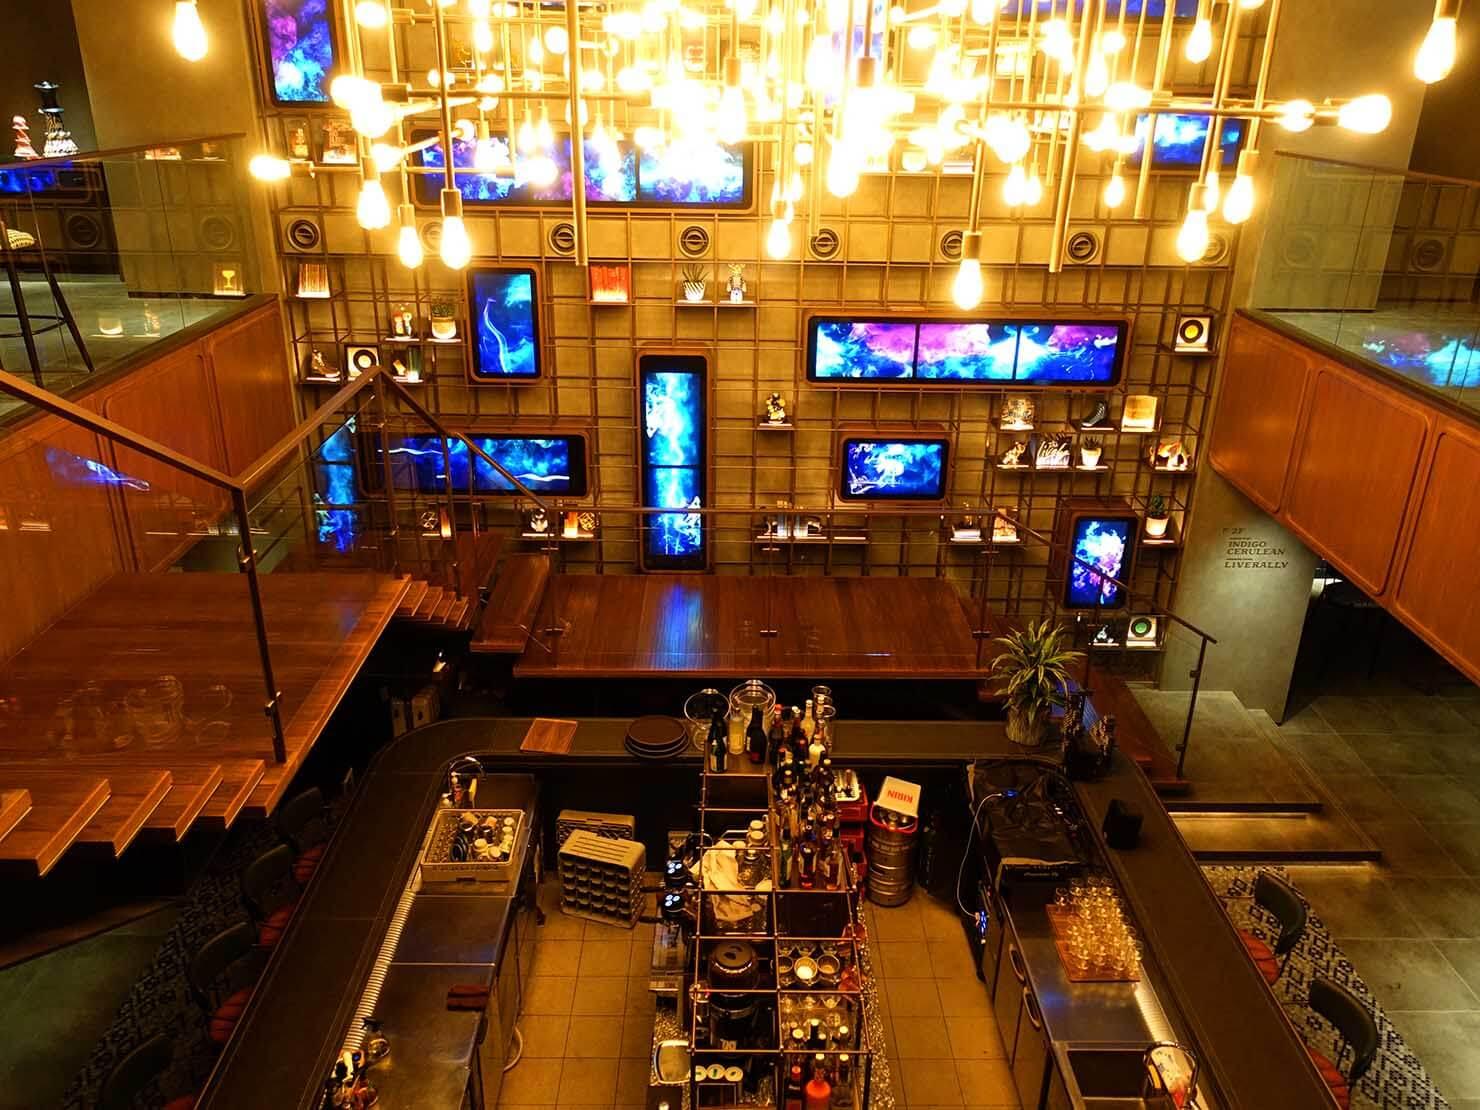 福岡・中洲川端にあるおしゃれなおすすめホテル「THE LIVELY」2Fから眺める1Fバーカウンター